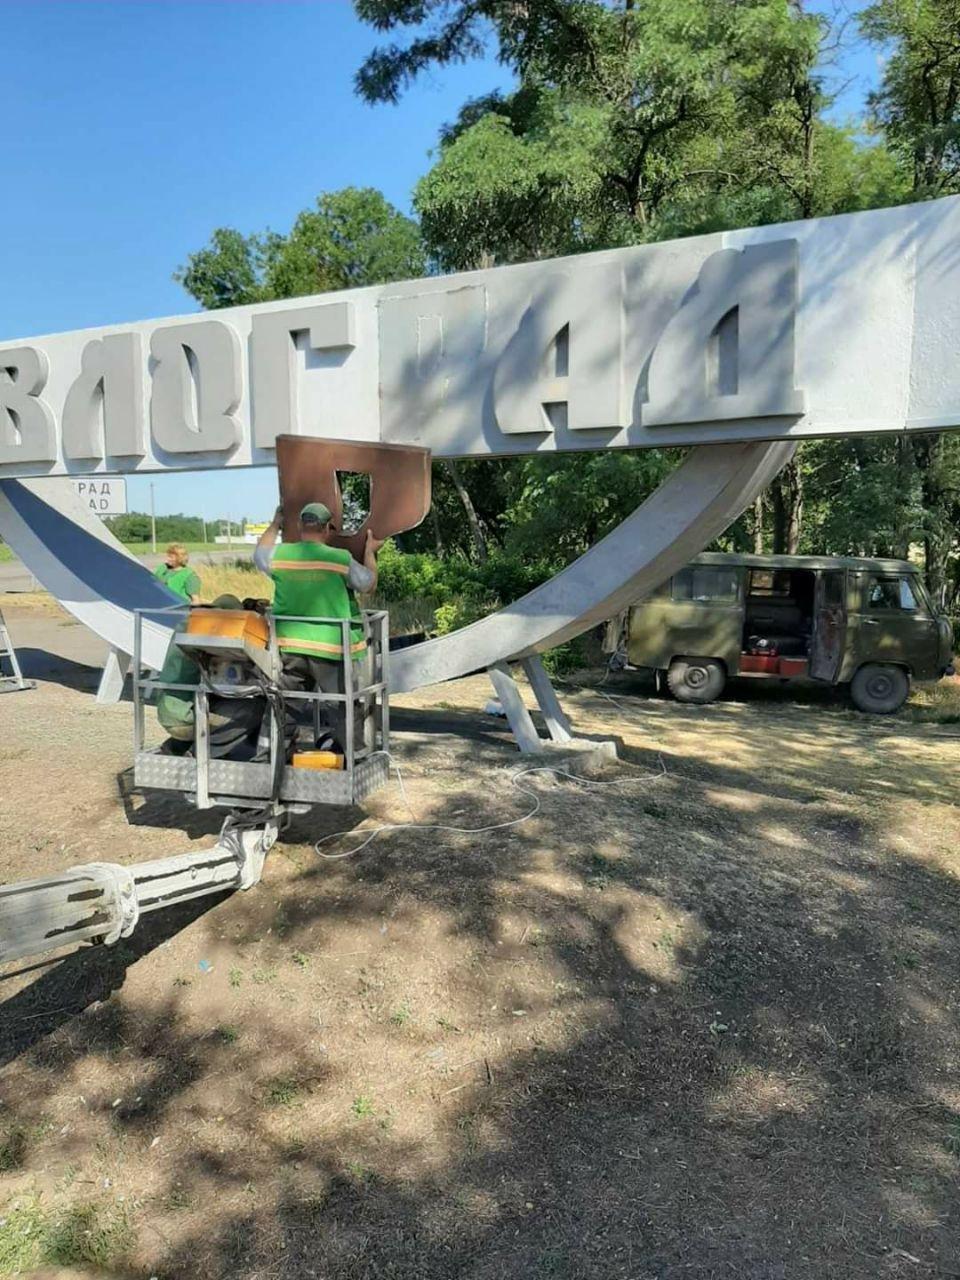 На въезде в Павлоград восстановили надпись названия города, поврежденную вандалами, фото-3